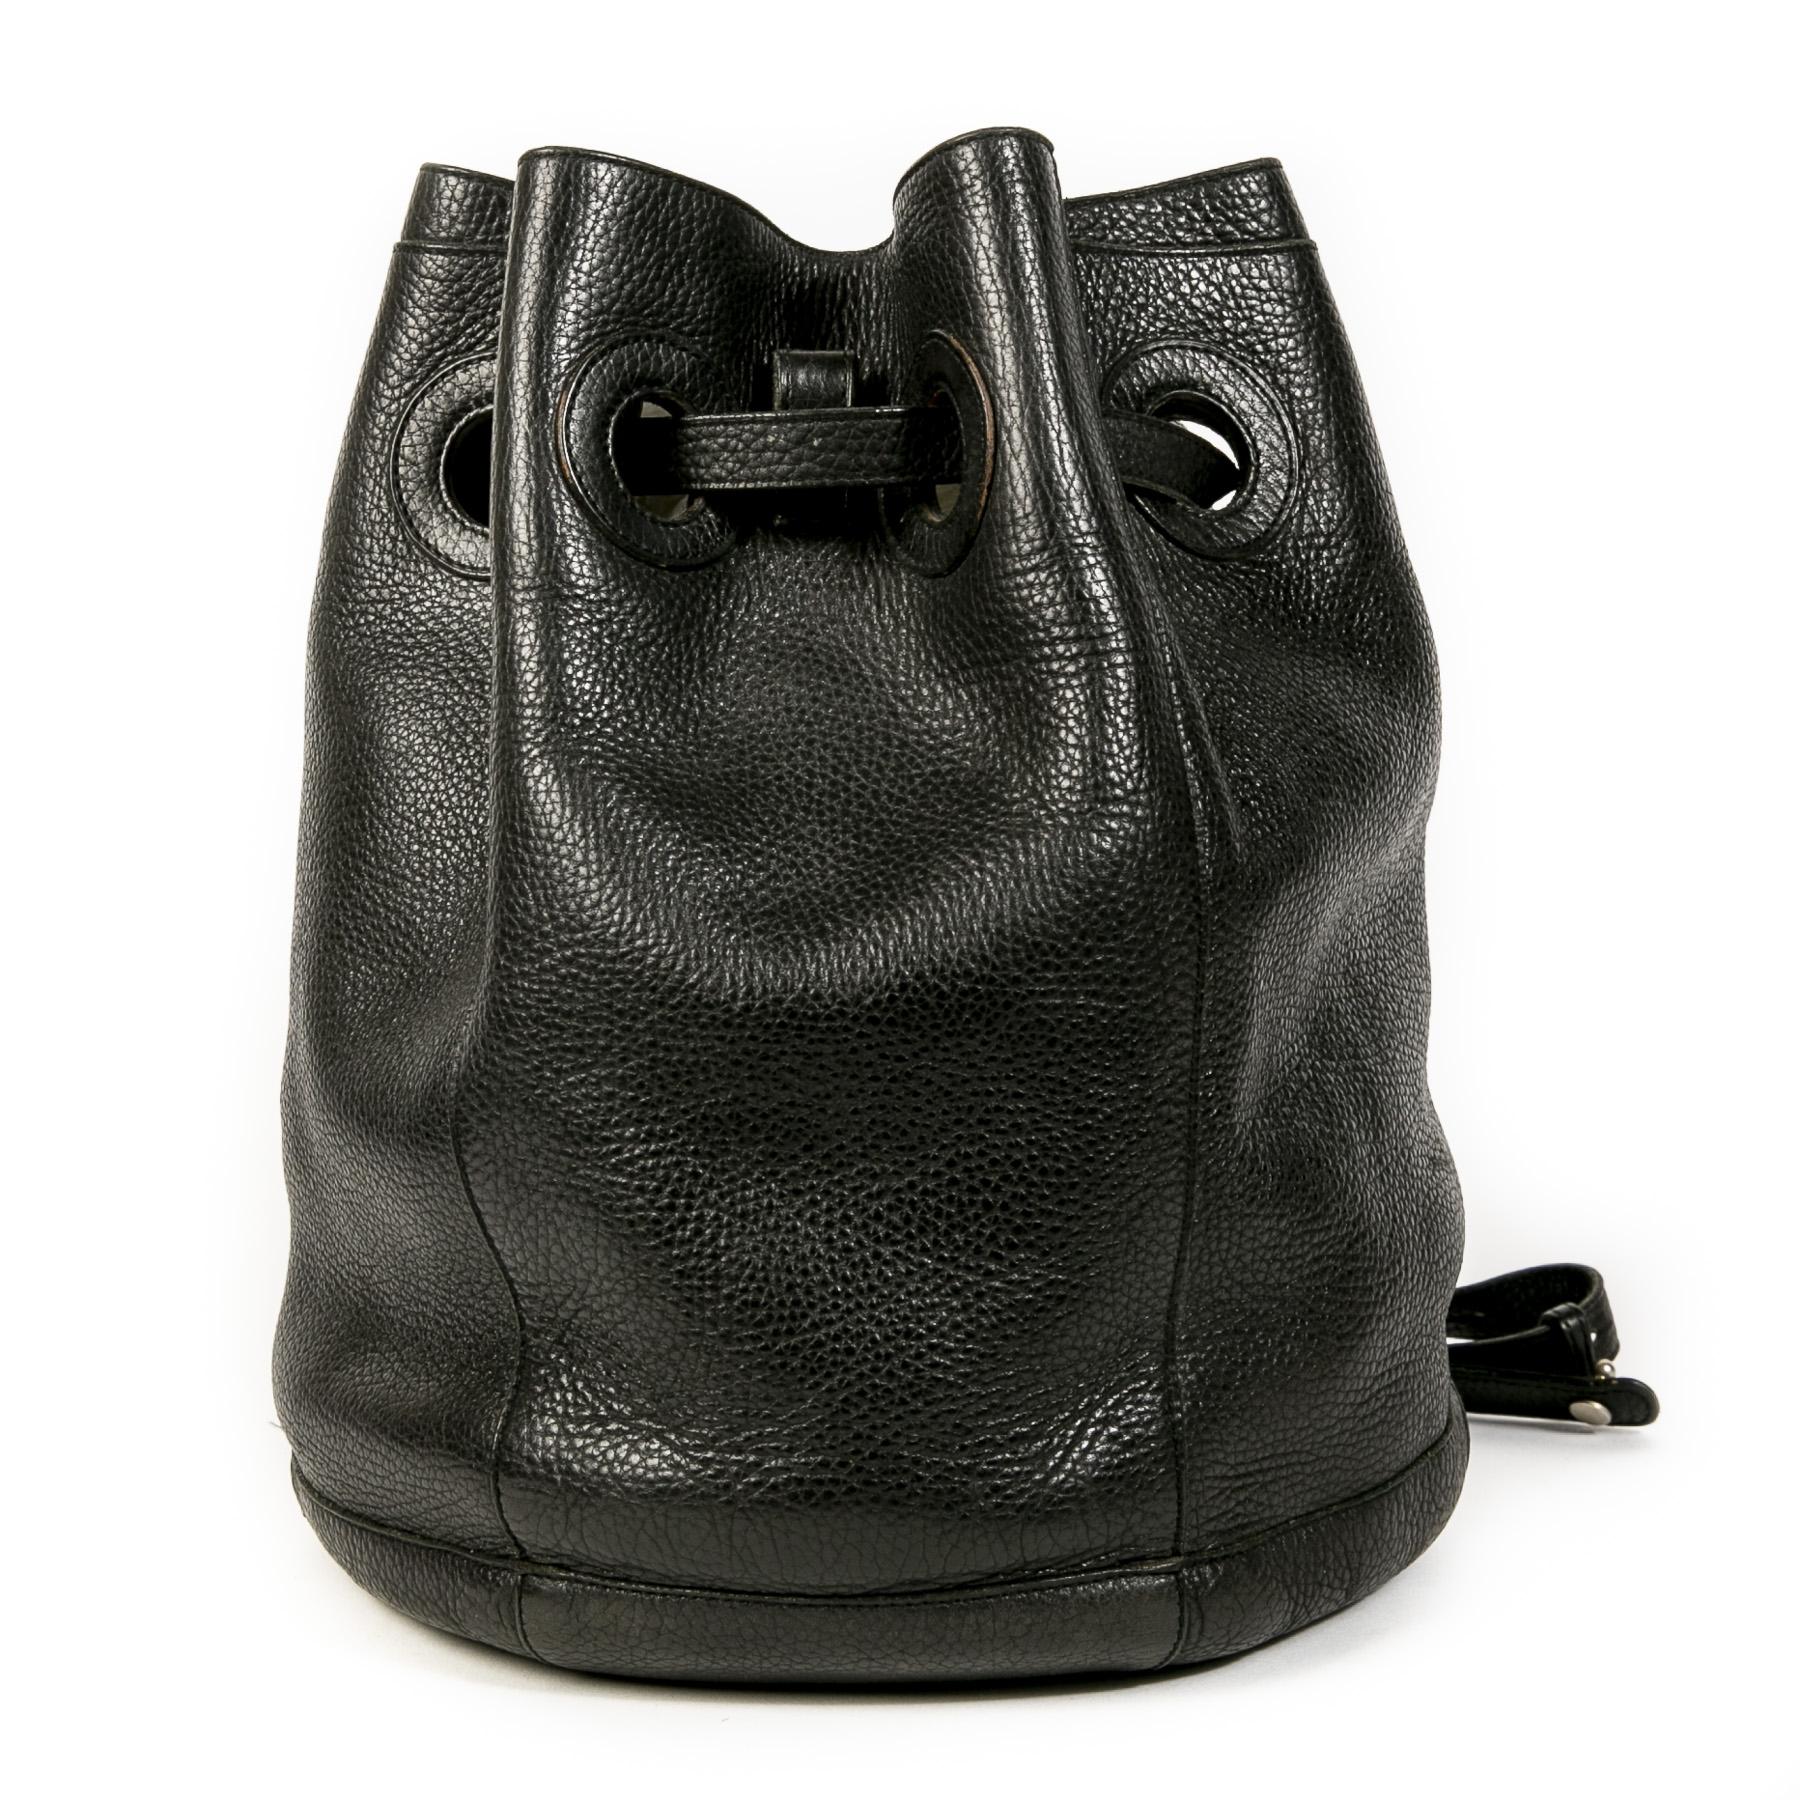 Authentieke Tweedehands Delvaux Black Leather Bucket Bag juiste prijs veilig online shoppen luxe merken webshop winkelen Antwerpen België mode fashion